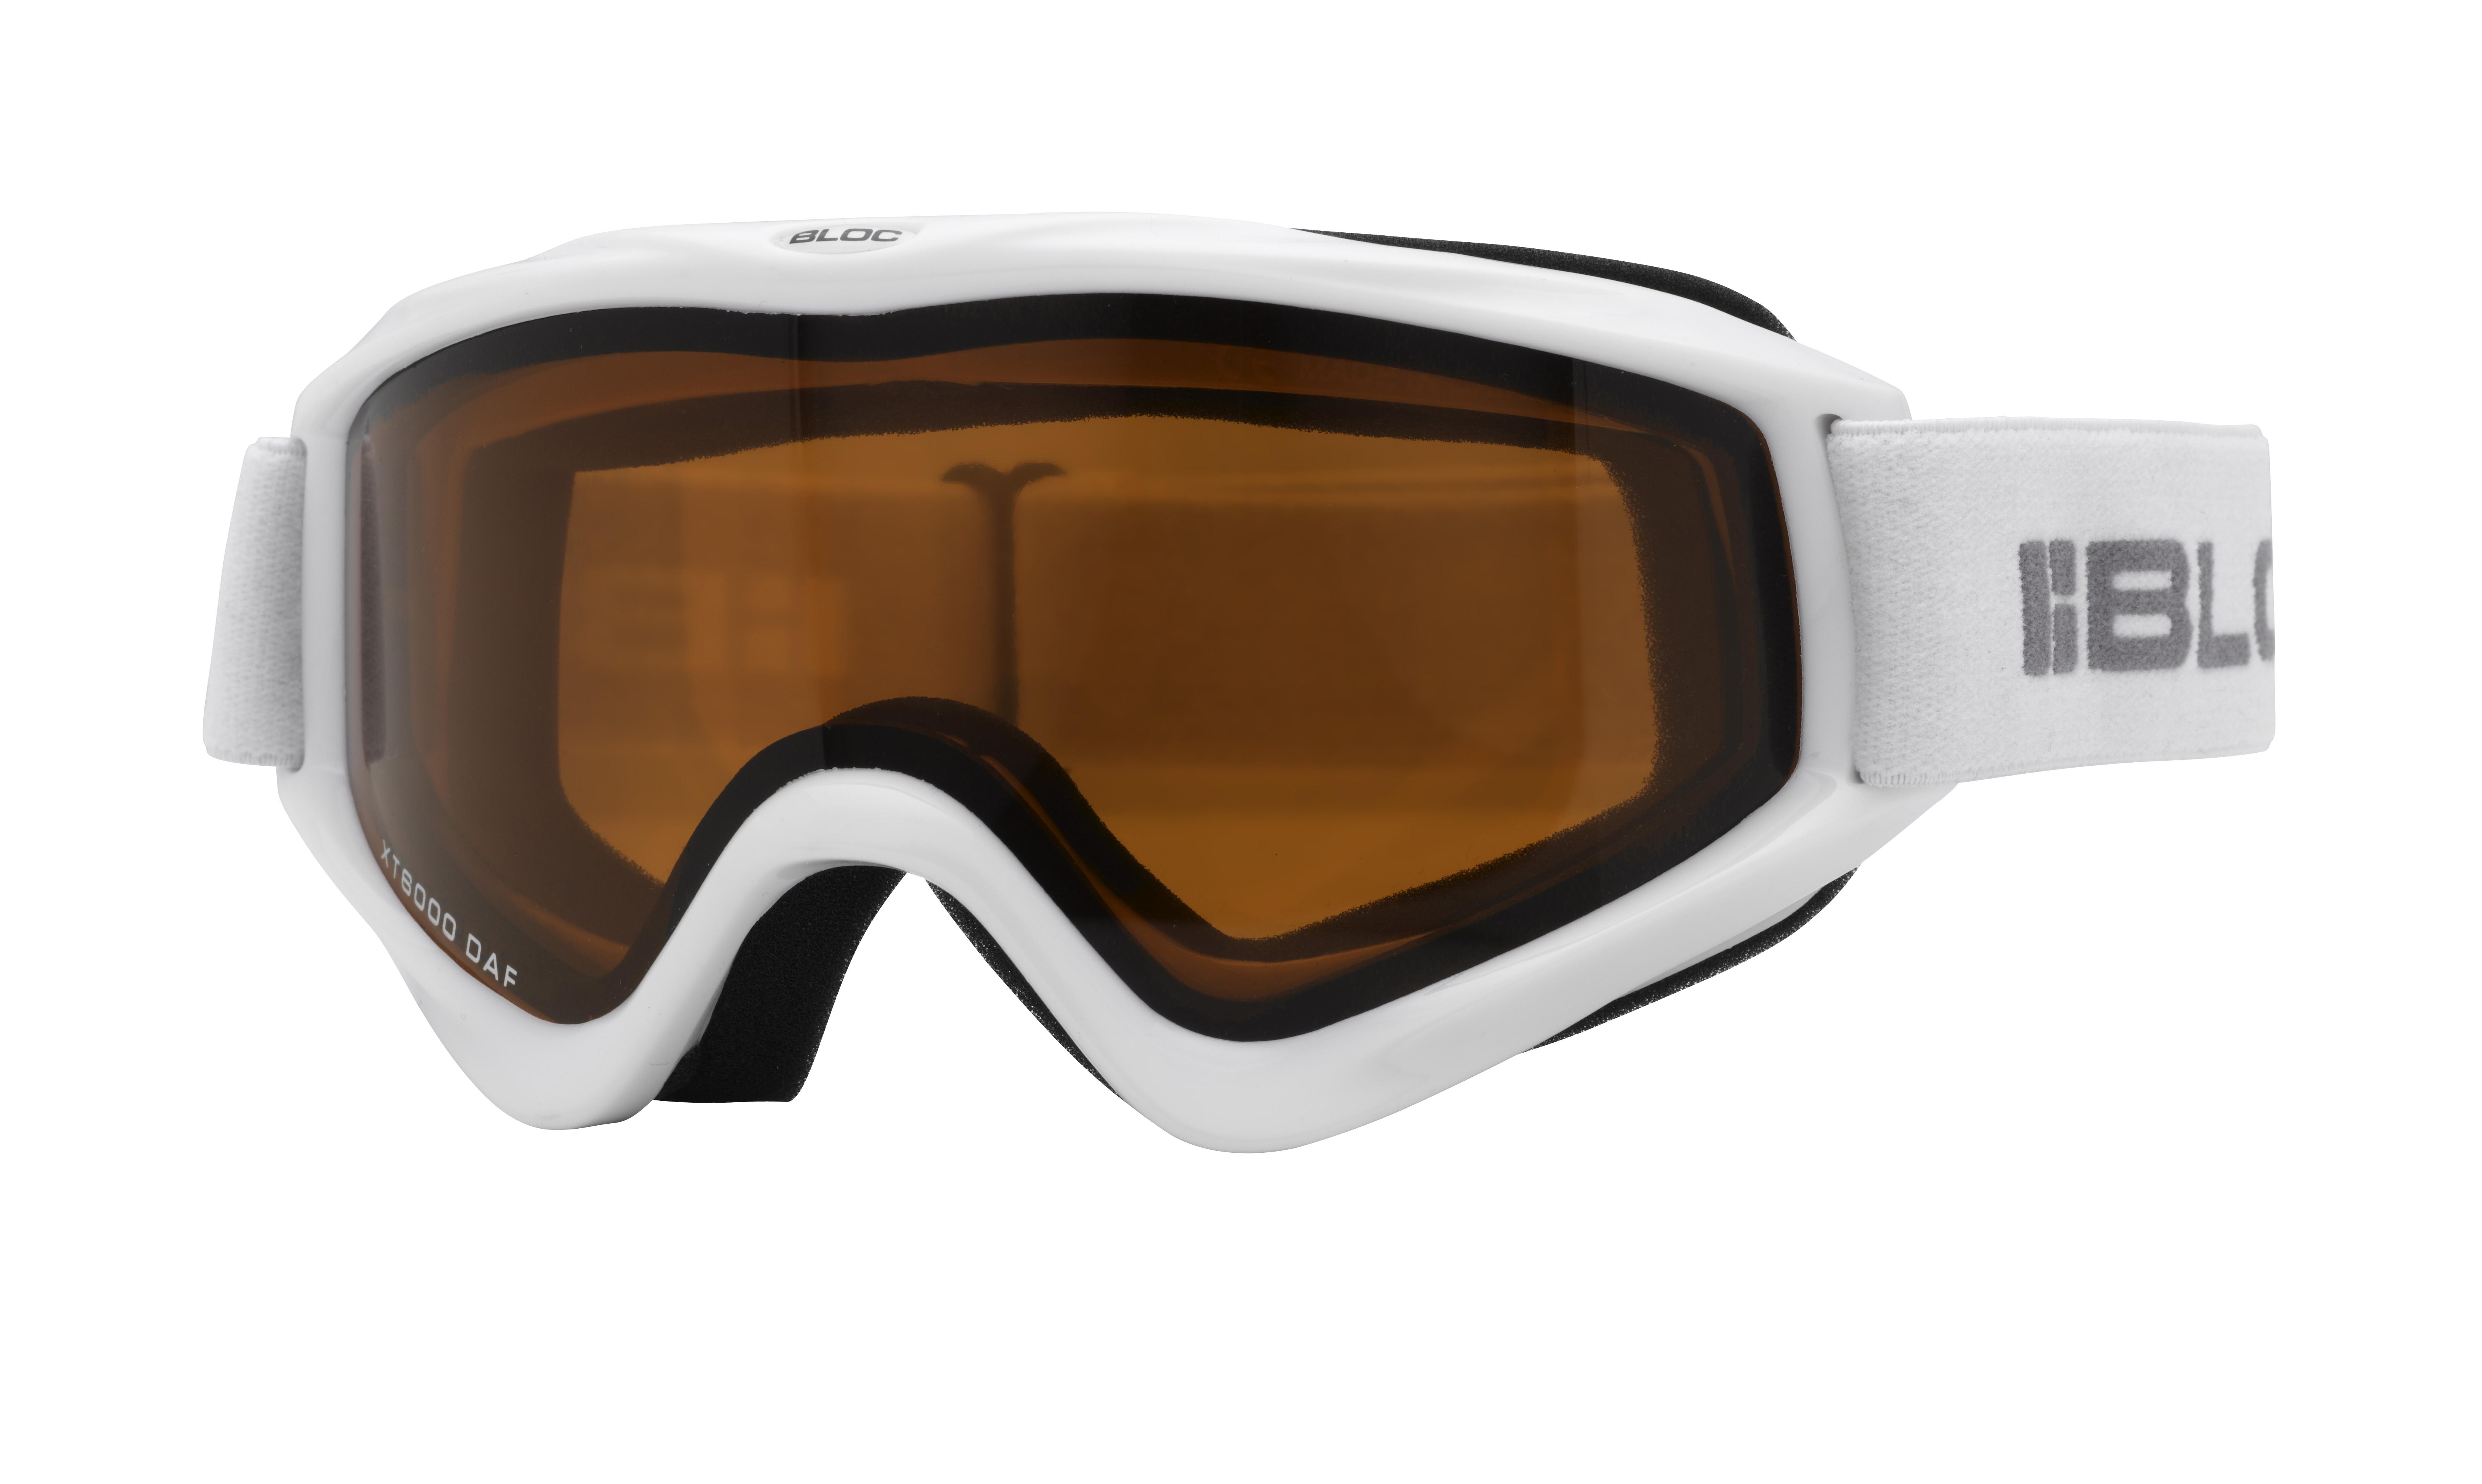 6ceed140311e Bloc Spark Junior Ski Goggles in White £18.40